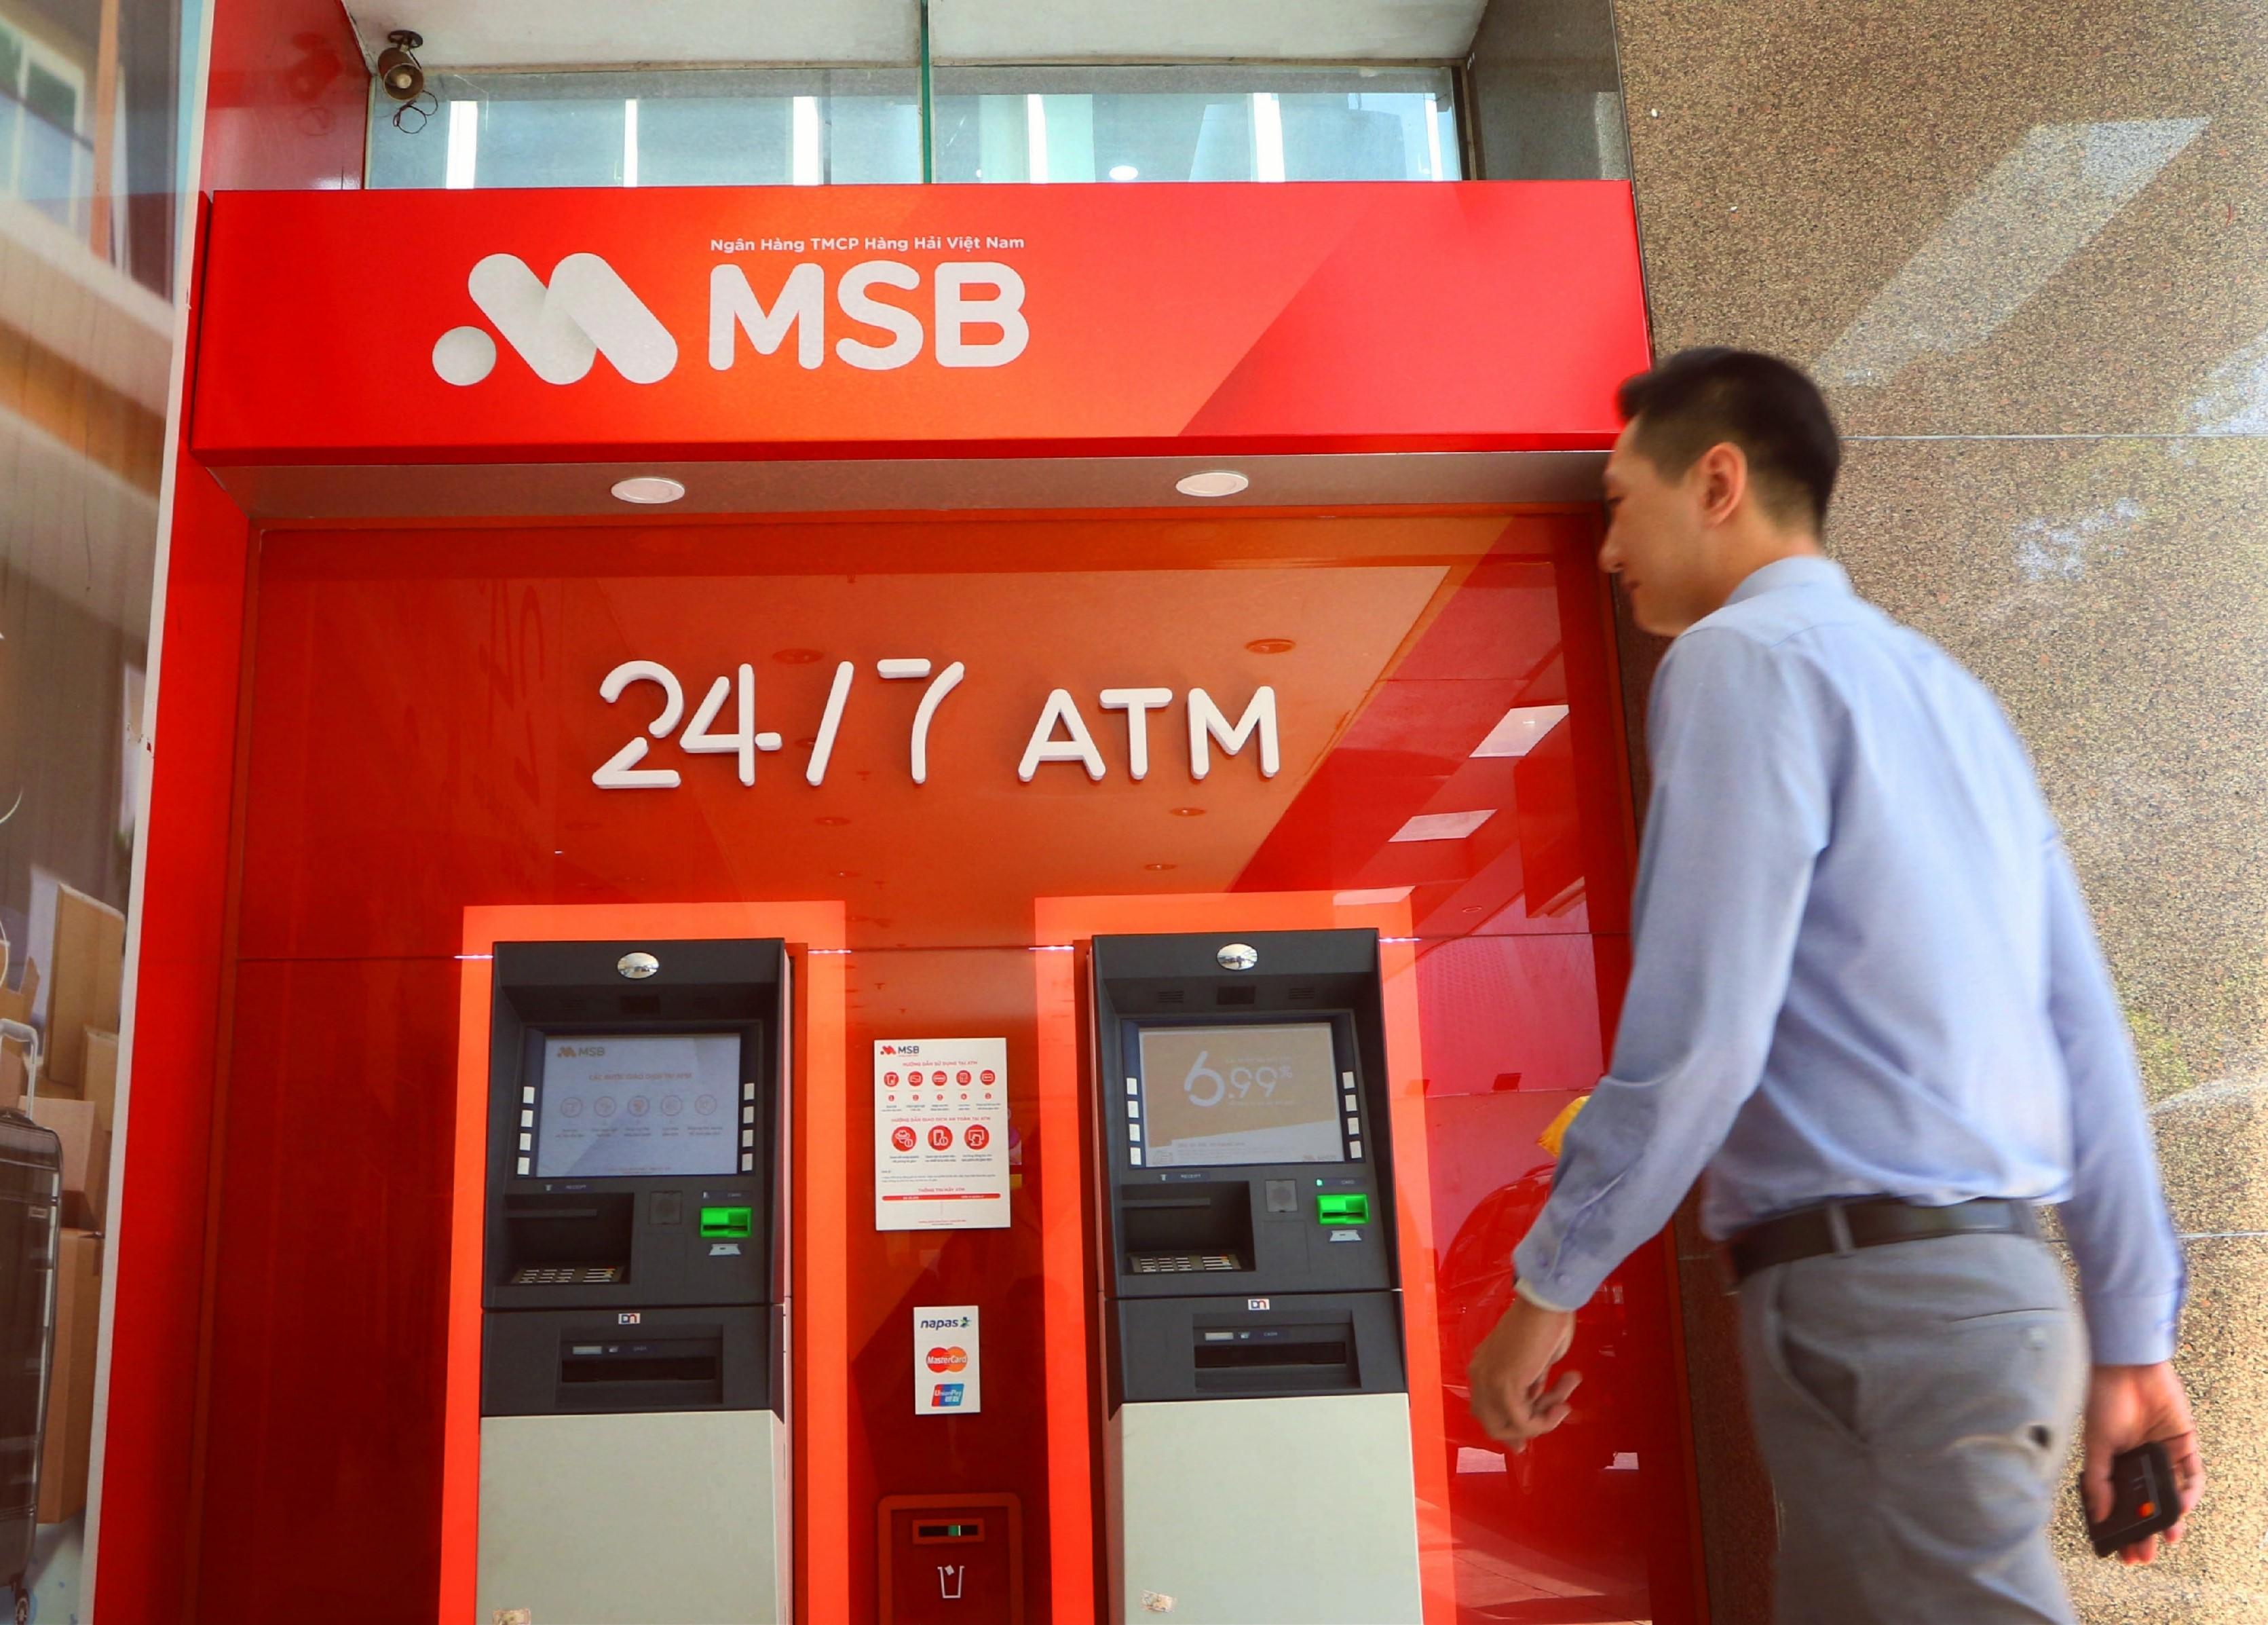 Đầu tư tài chính, một doanh nghiệp bán 5 triệu cổ phiếu MSB